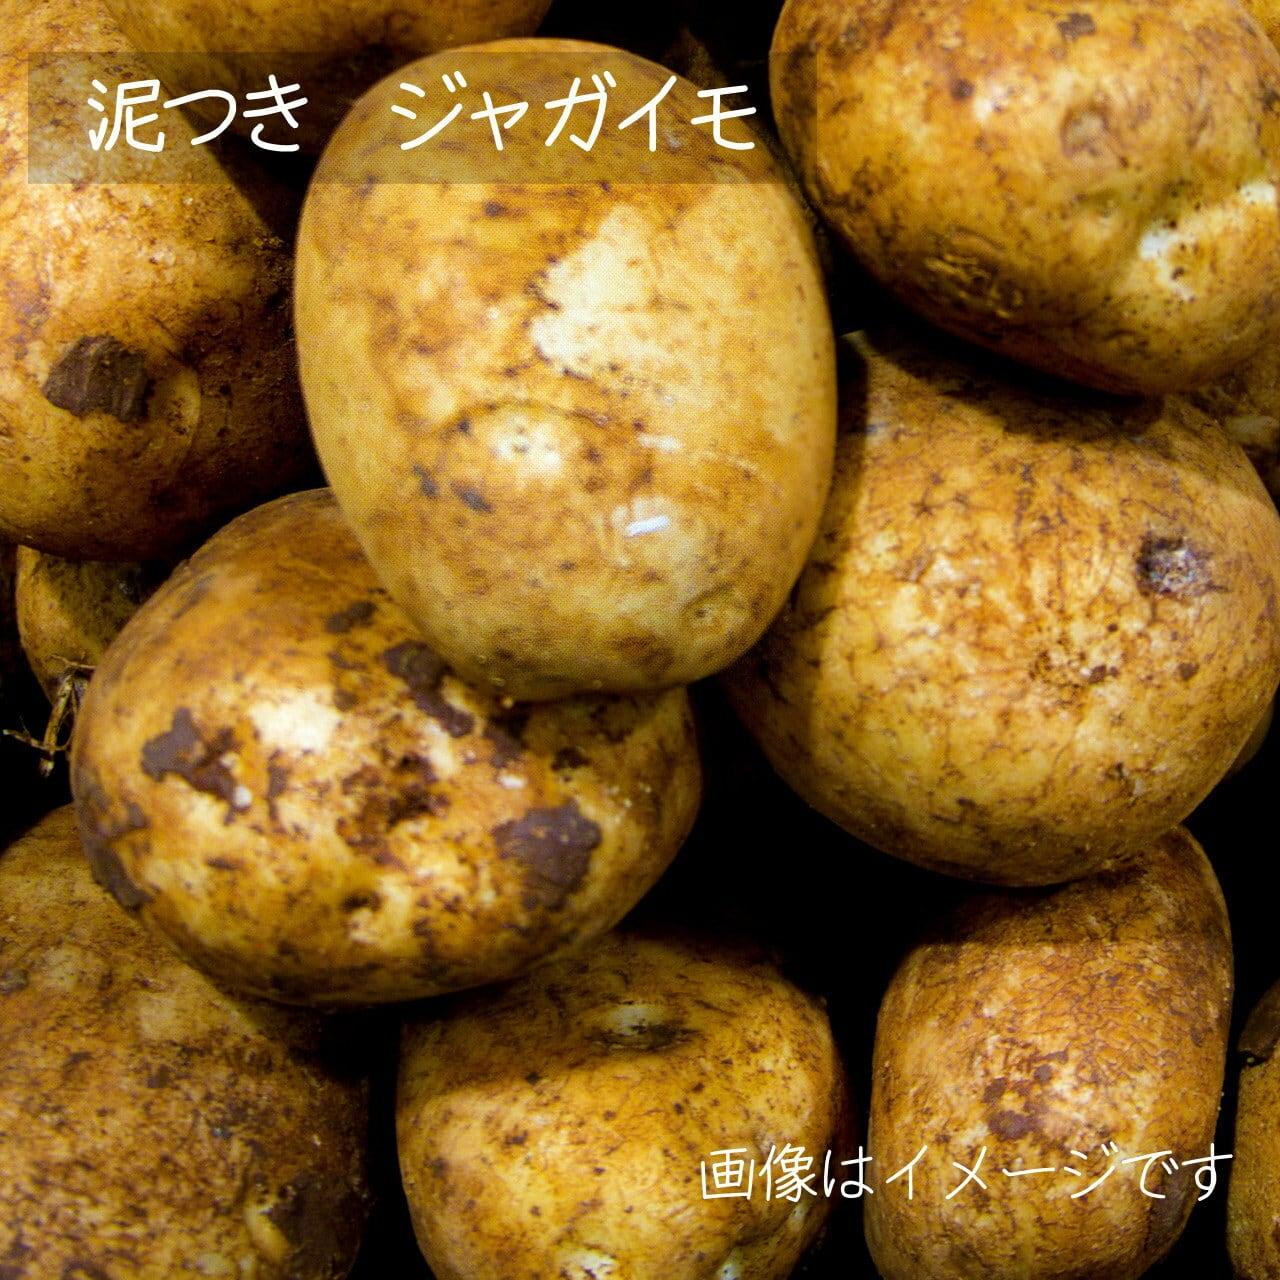 4月の朝採り直売野菜 ジャガイモ 4~5個 4月24日発送予定